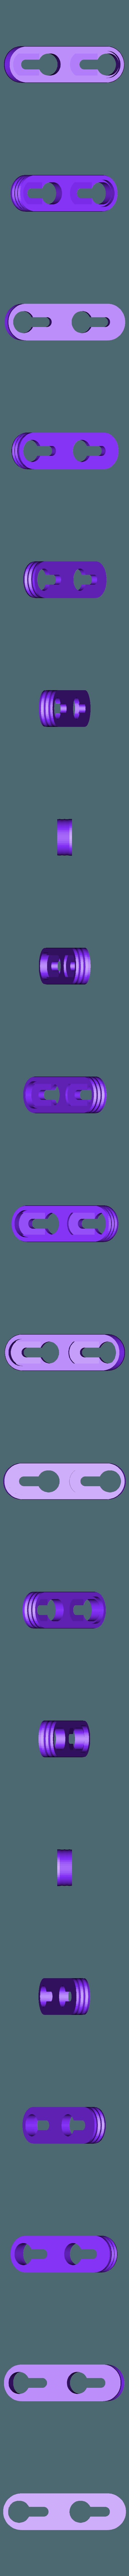 dual_hanger.stl Télécharger fichier STL gratuit Cintre à trou de serrure (simple et double) • Modèle imprimable en 3D, peaberry